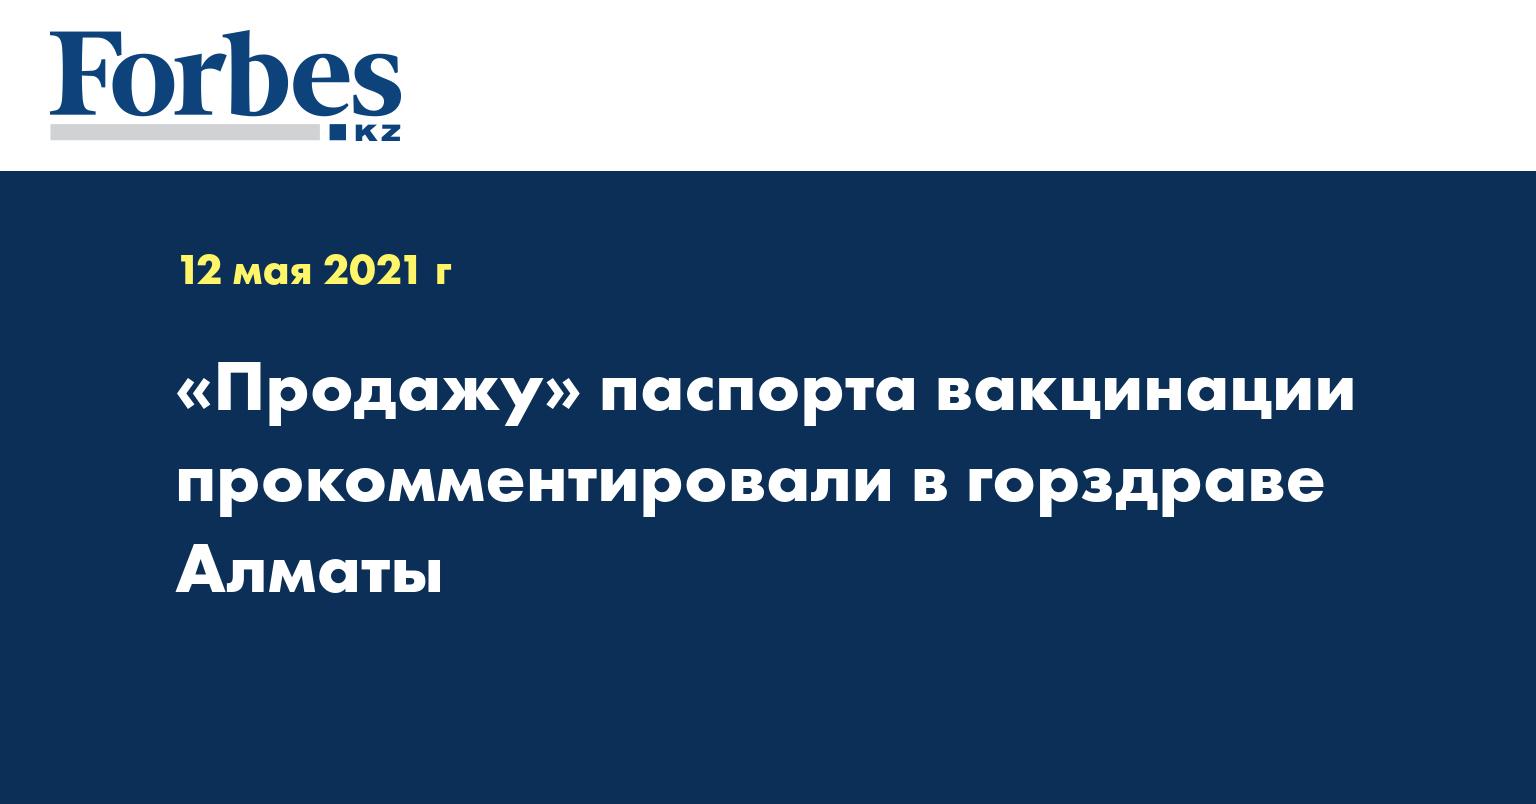 «Продажу» паспорта вакцинации прокомментировали в горздраве Алматы